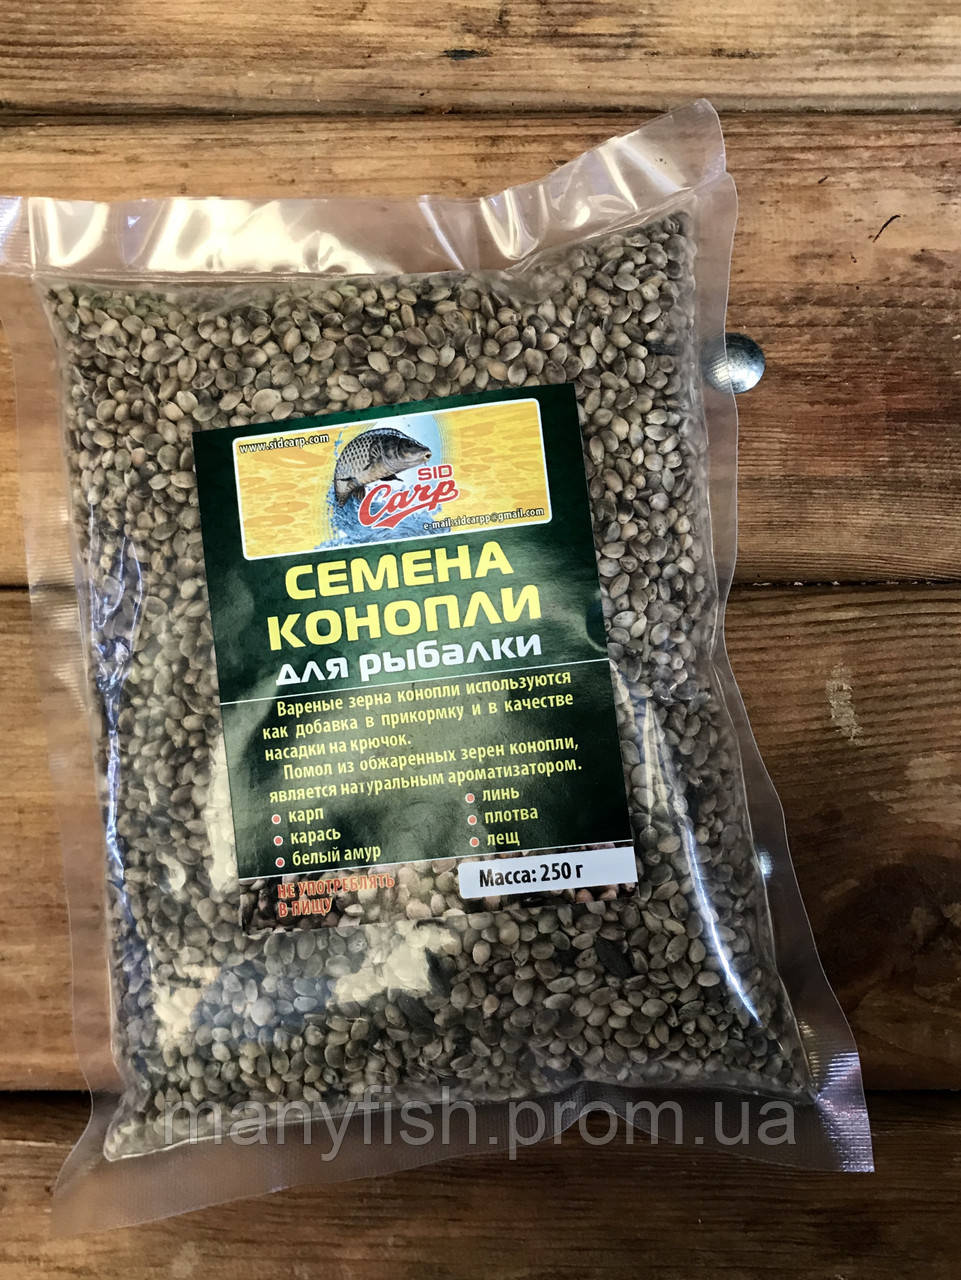 Конопли семена купить где легально марихуана смешные картинки